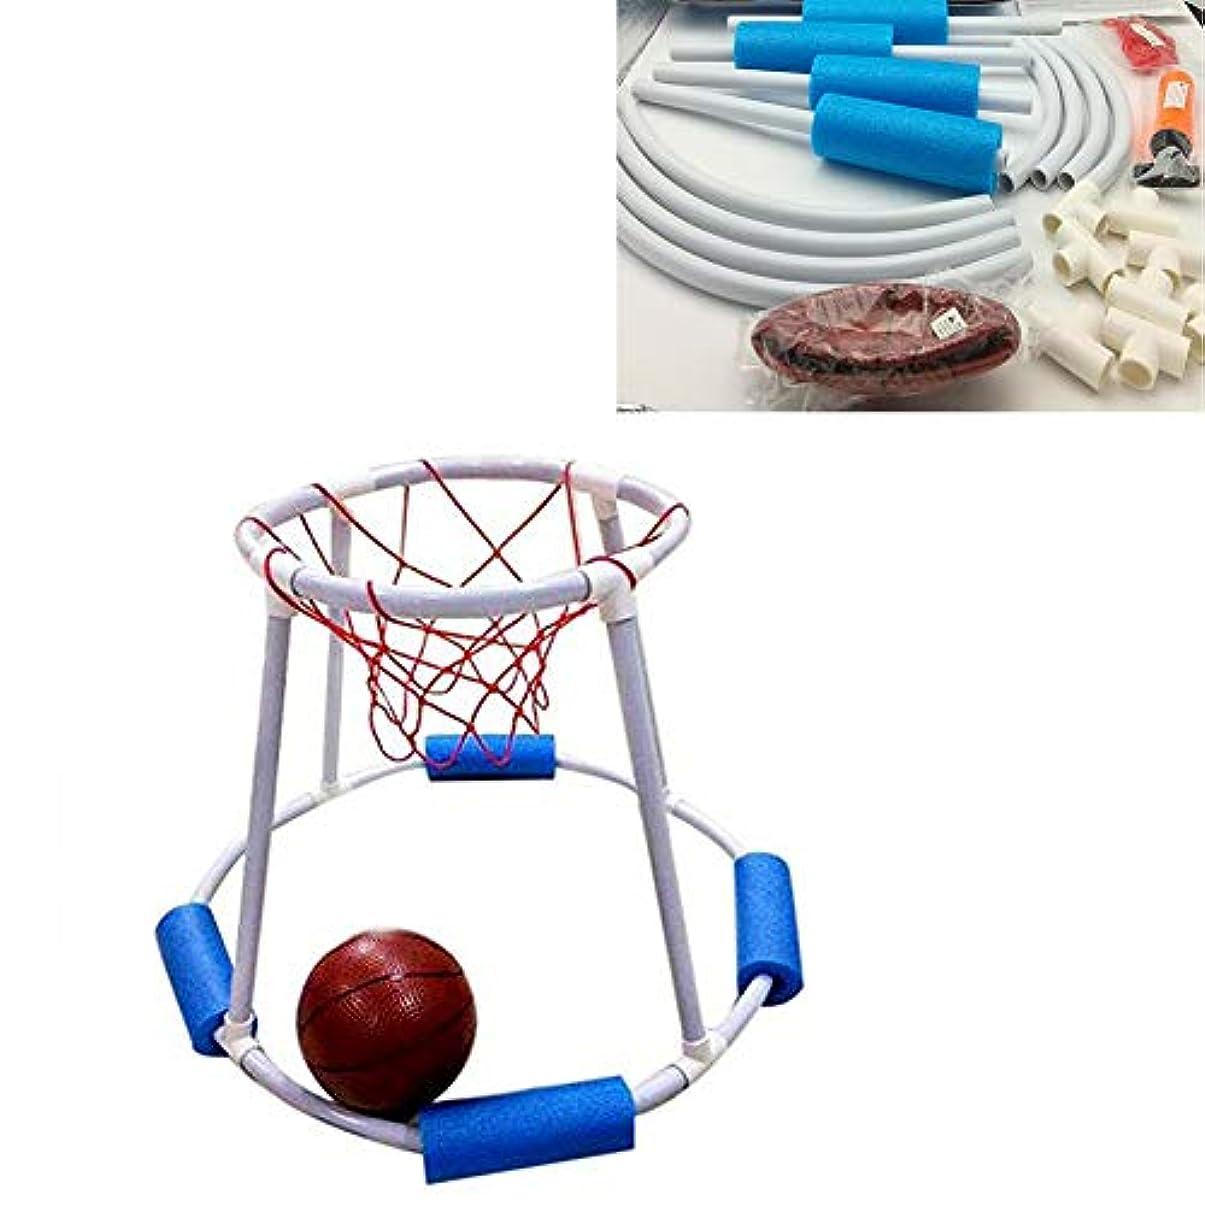 巨人ネブ入力キッズバスケットボール水はプールバスケットボールゲームバスケットボール水バスケットボールキッズバスケットボールプールバスケットボールバスケットボールウォーターゲームおもちゃラック